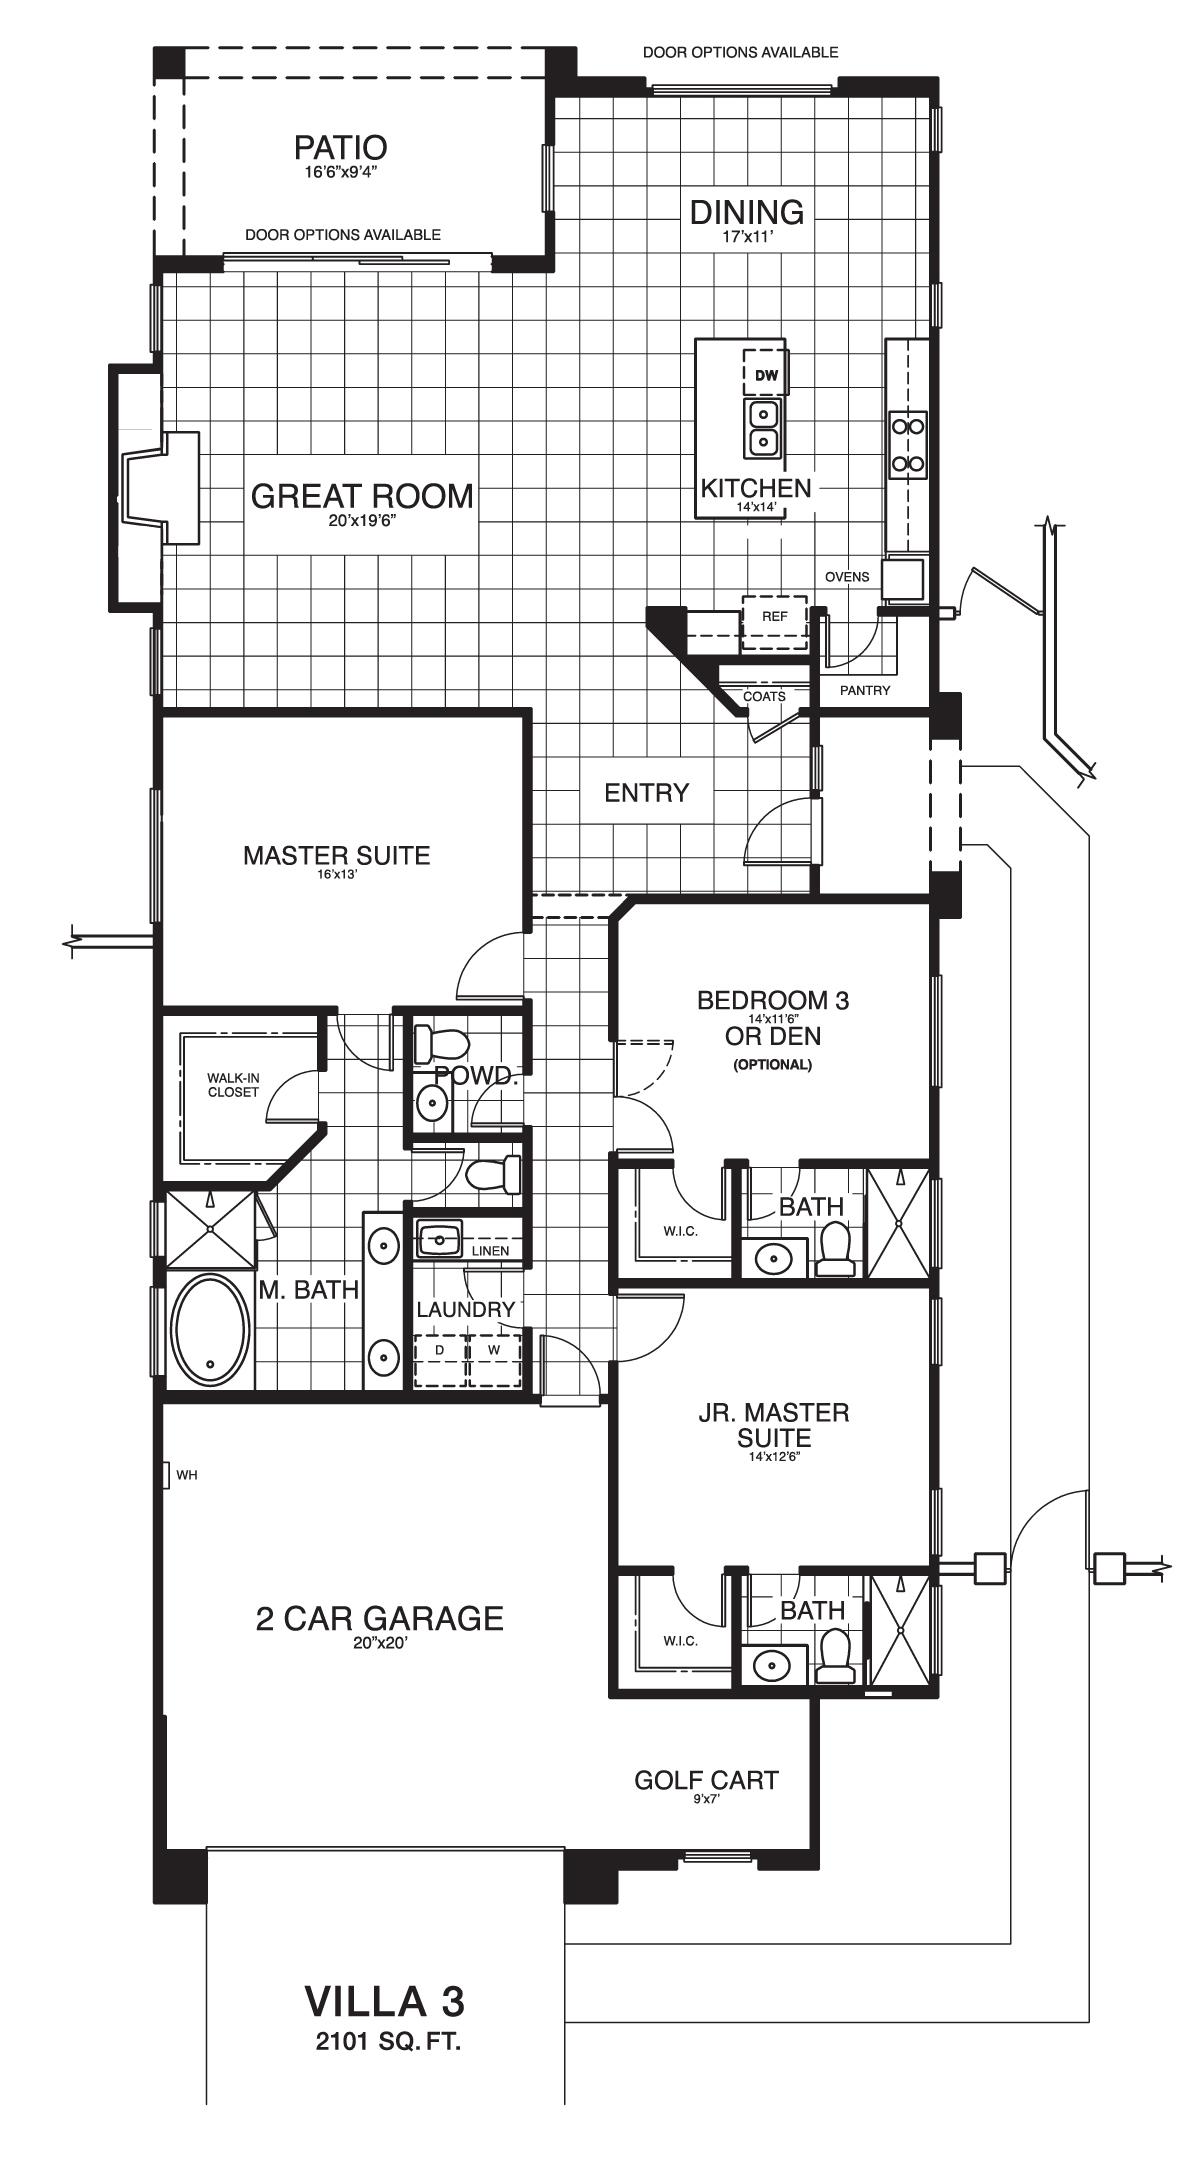 Villa 3 reverse floor plan.